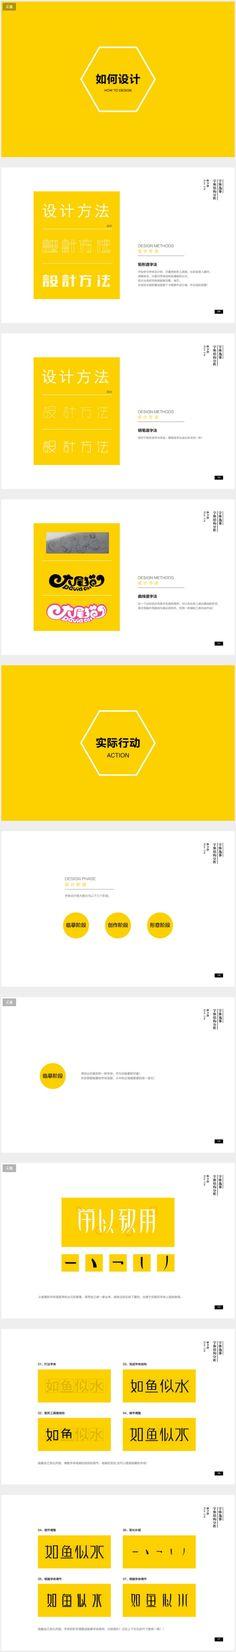 关于字体设计的种类与方法)|字体02